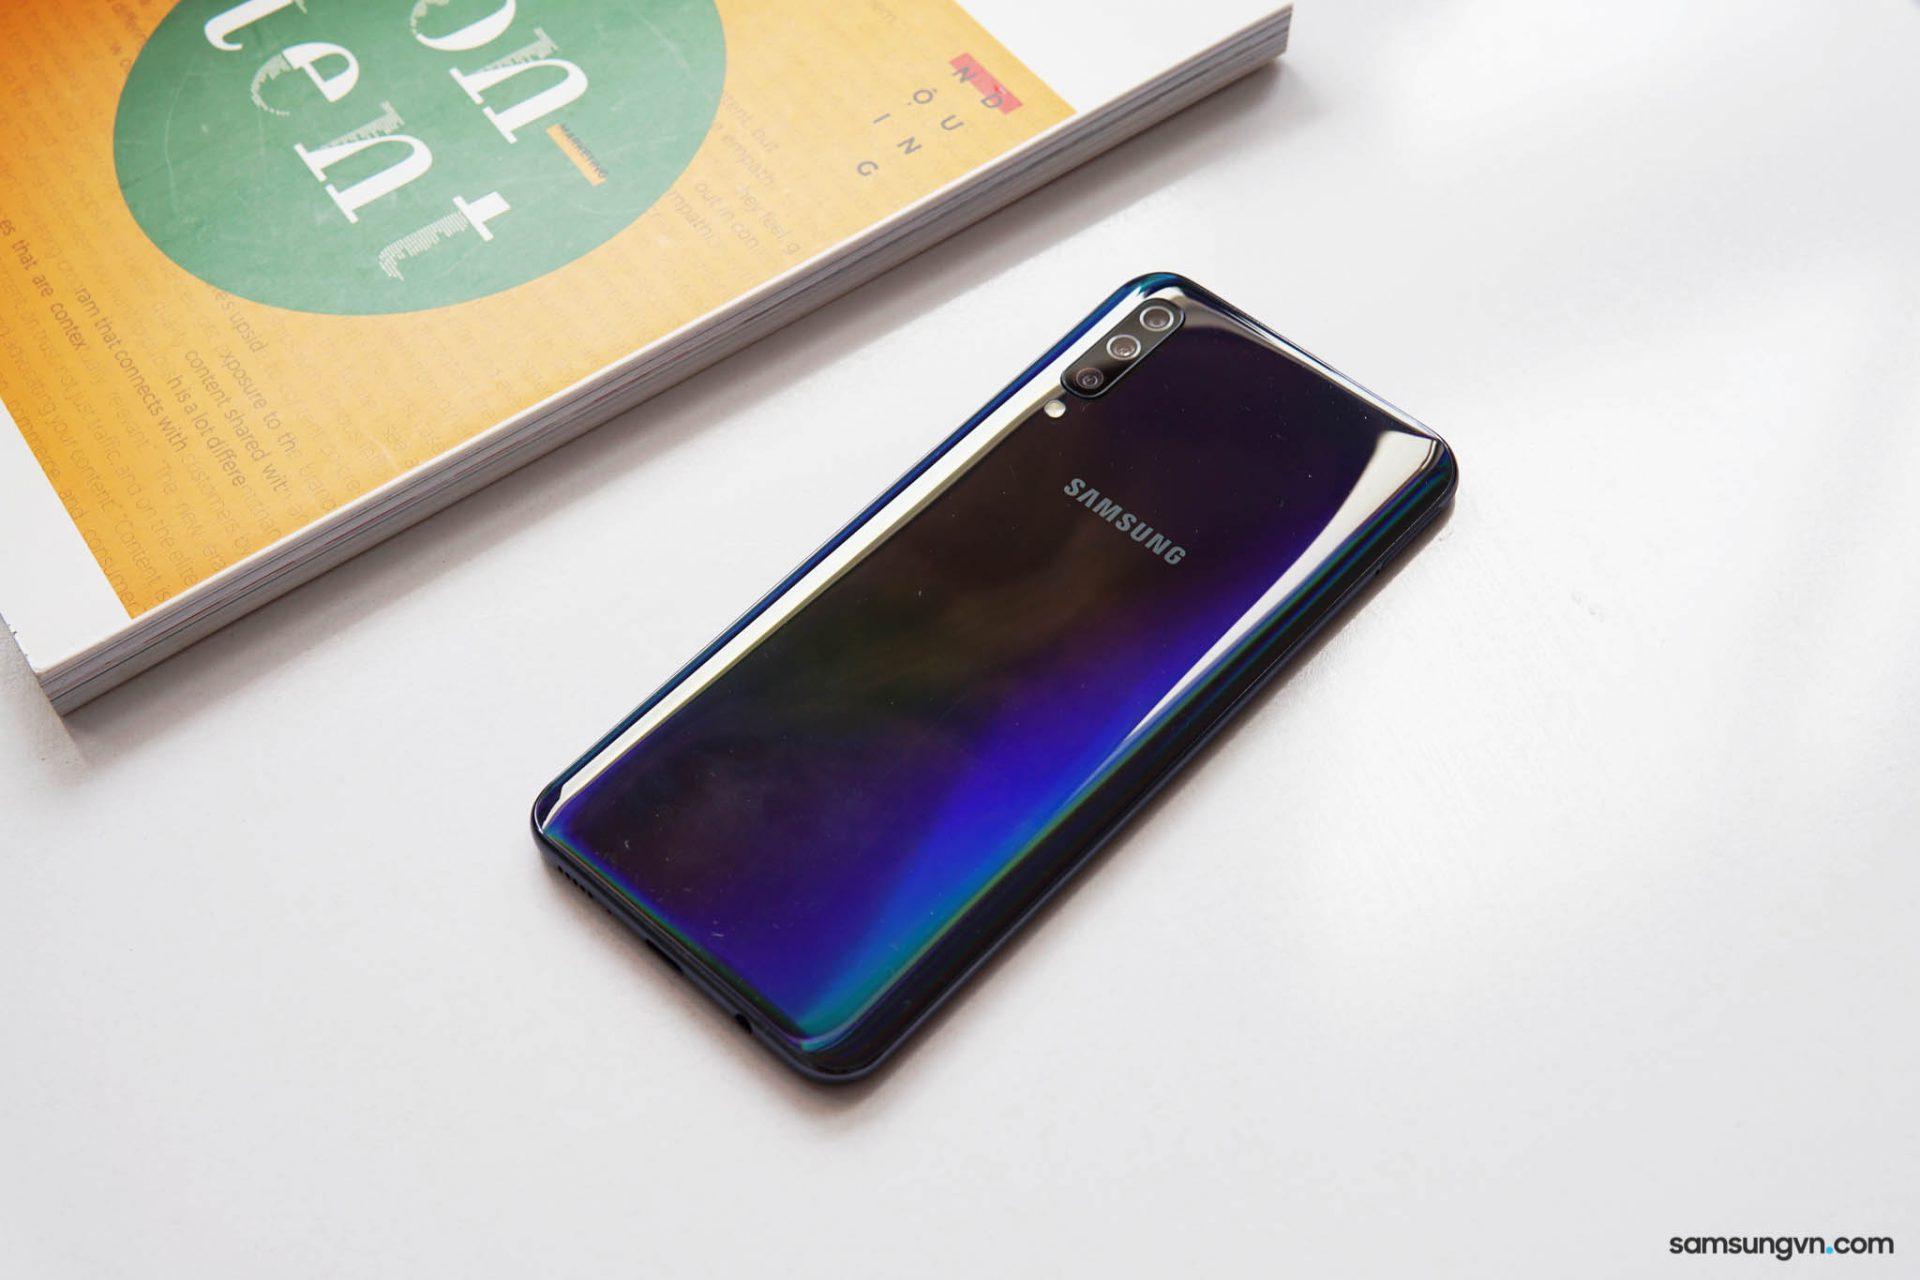 Thừa hưởng mọi công nghệ đỉnh cao, đây chính là chiếc smartphone dành cho giới trẻ đáng sở hữu nhất năm nay